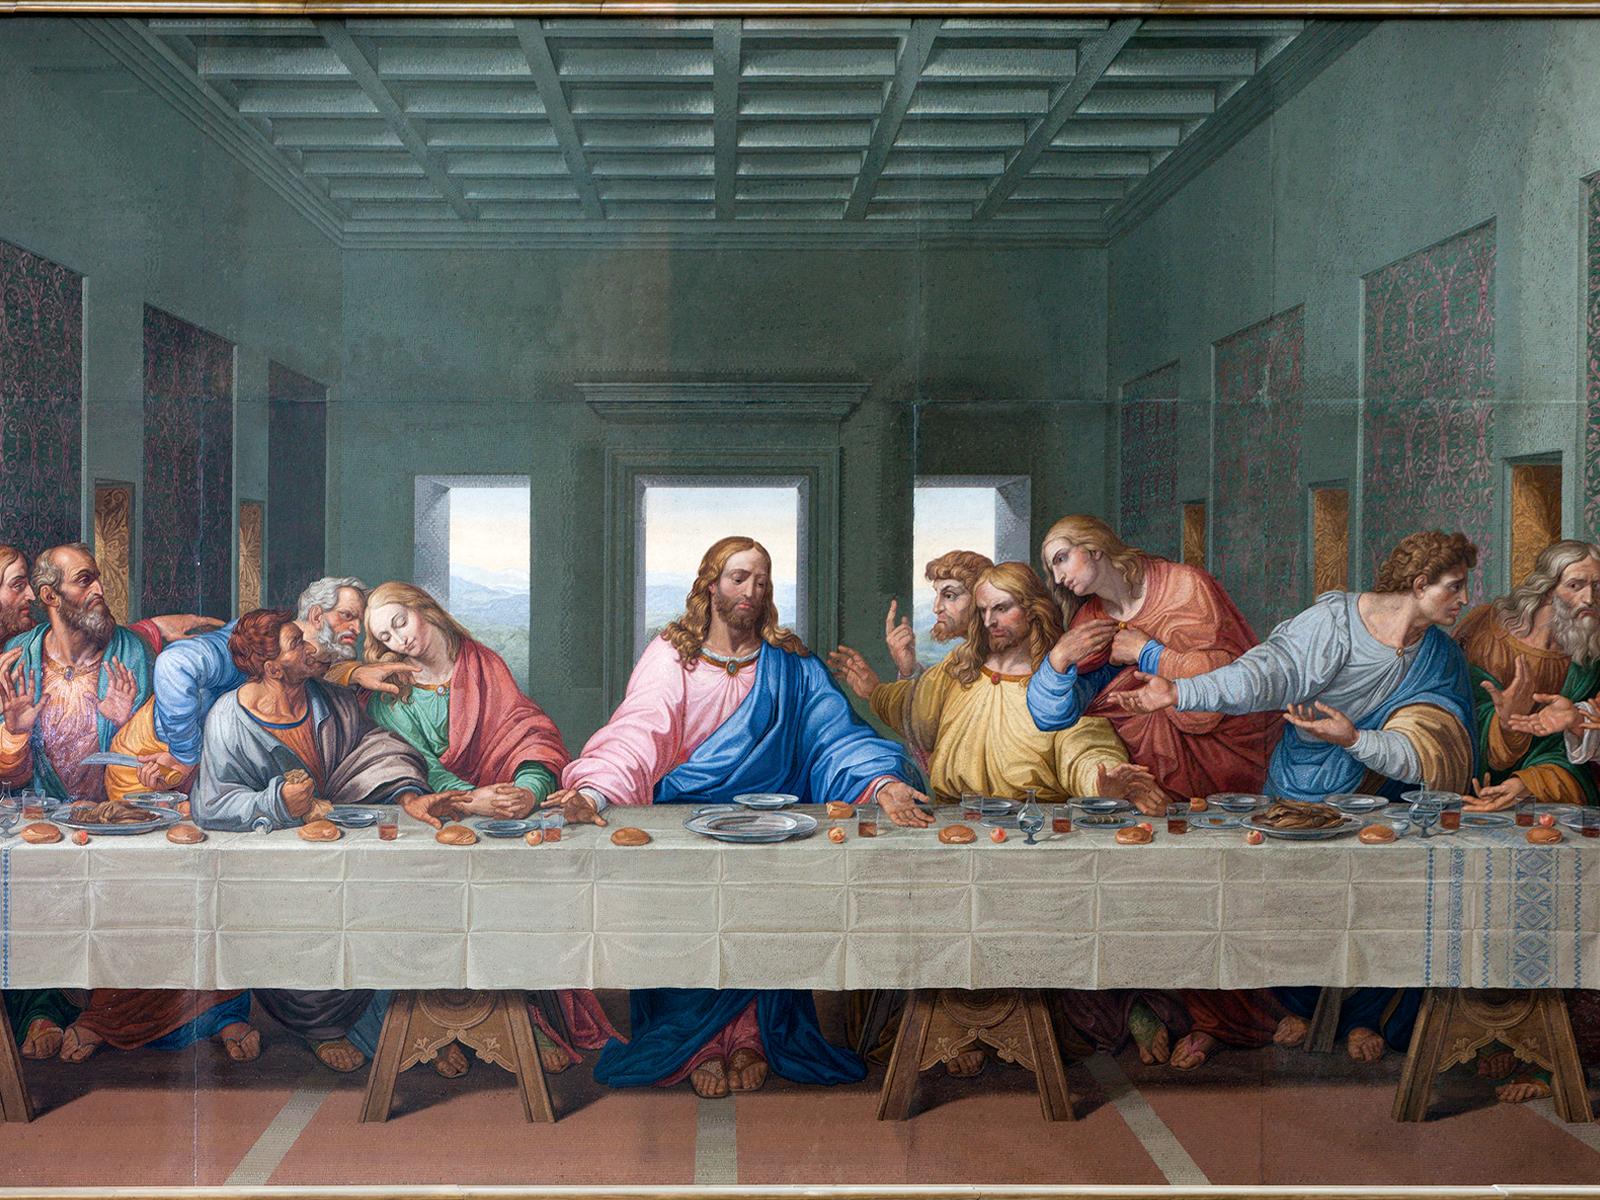 Cristo sacerdote instituiu o sacramento do Amor